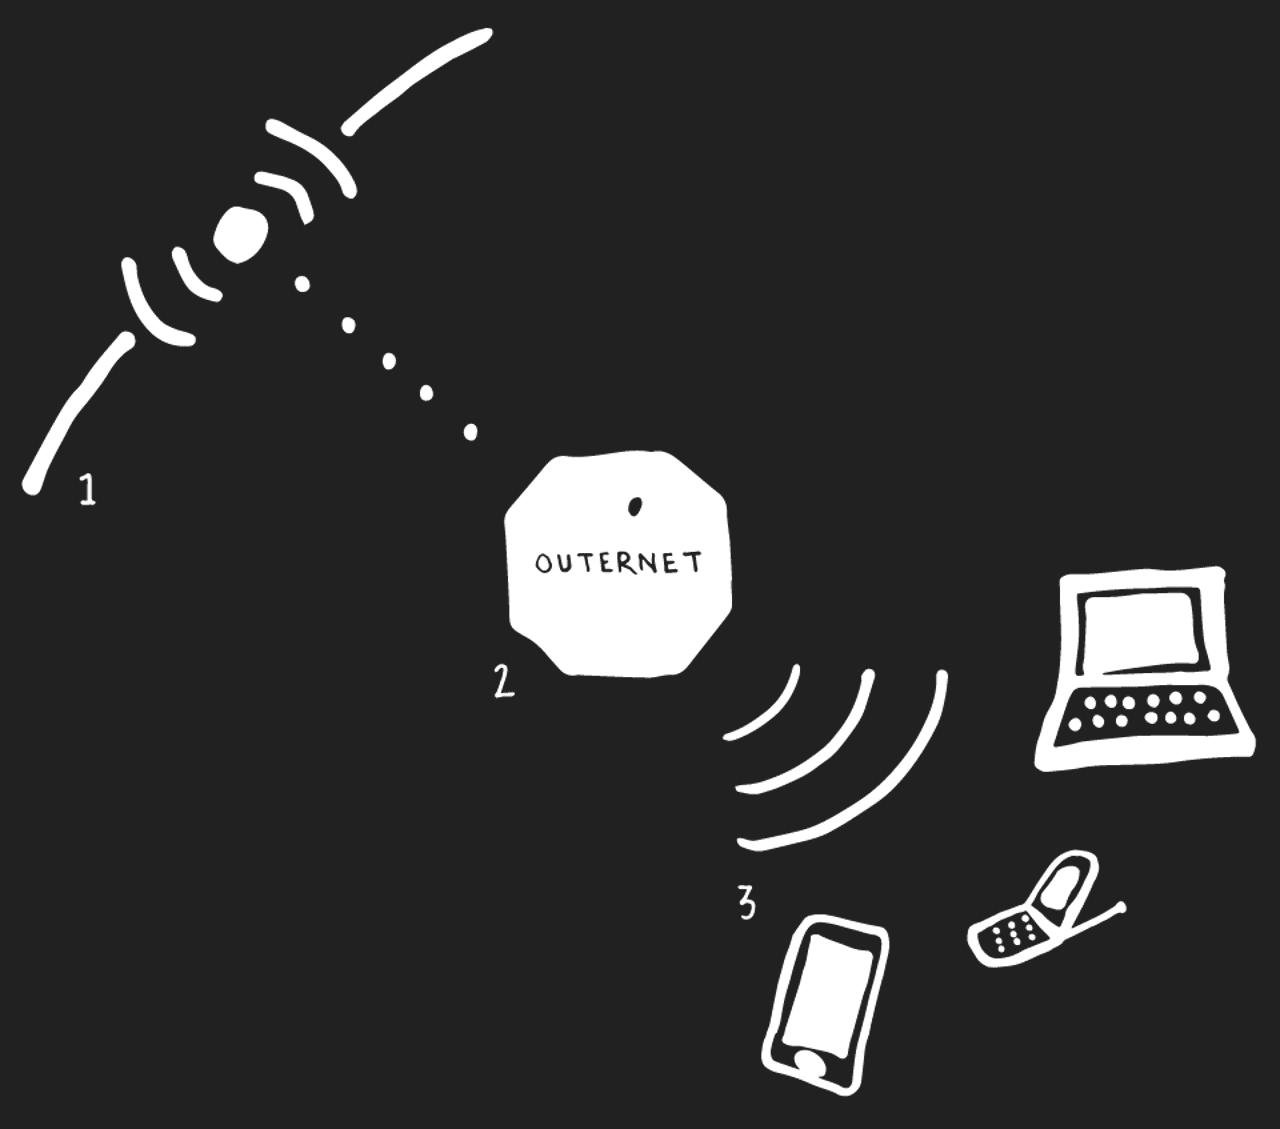 3 مشاريع عالمية لتوفير إنترنت مجاني في طريقها إلينا !